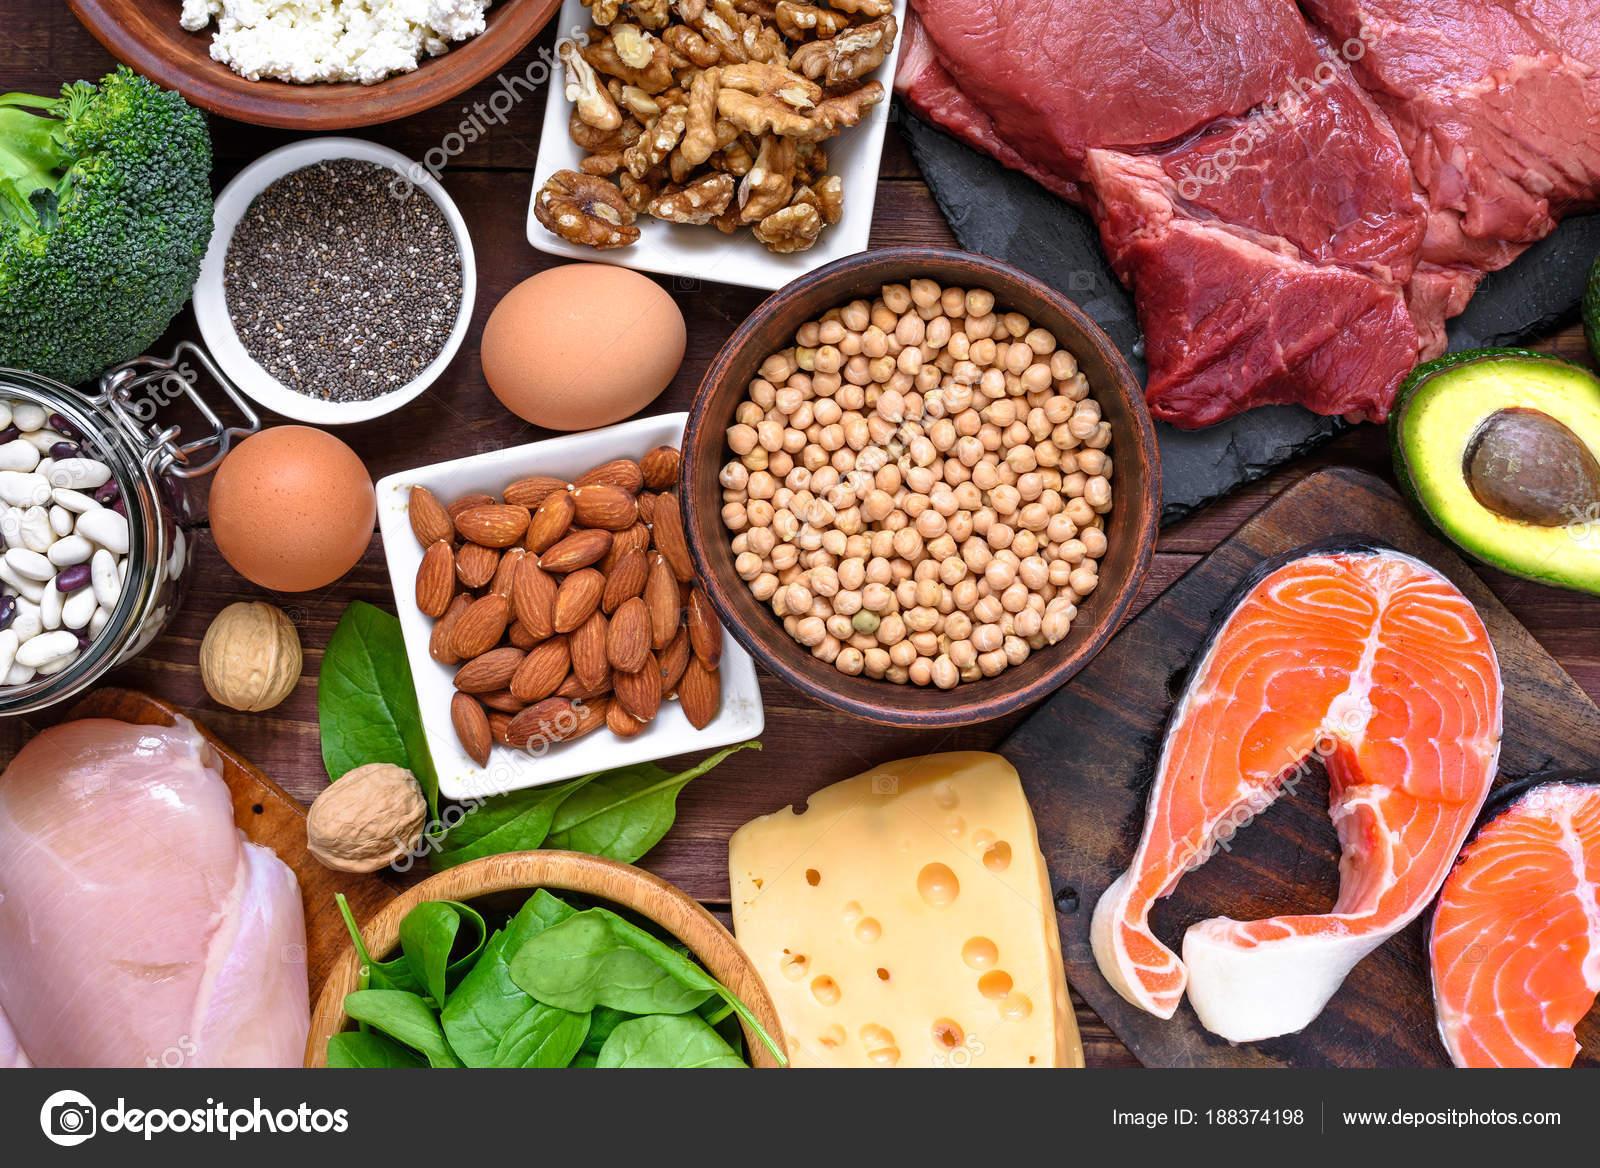 Различные источники белка здоровой диете таких рыба мясо молочная.